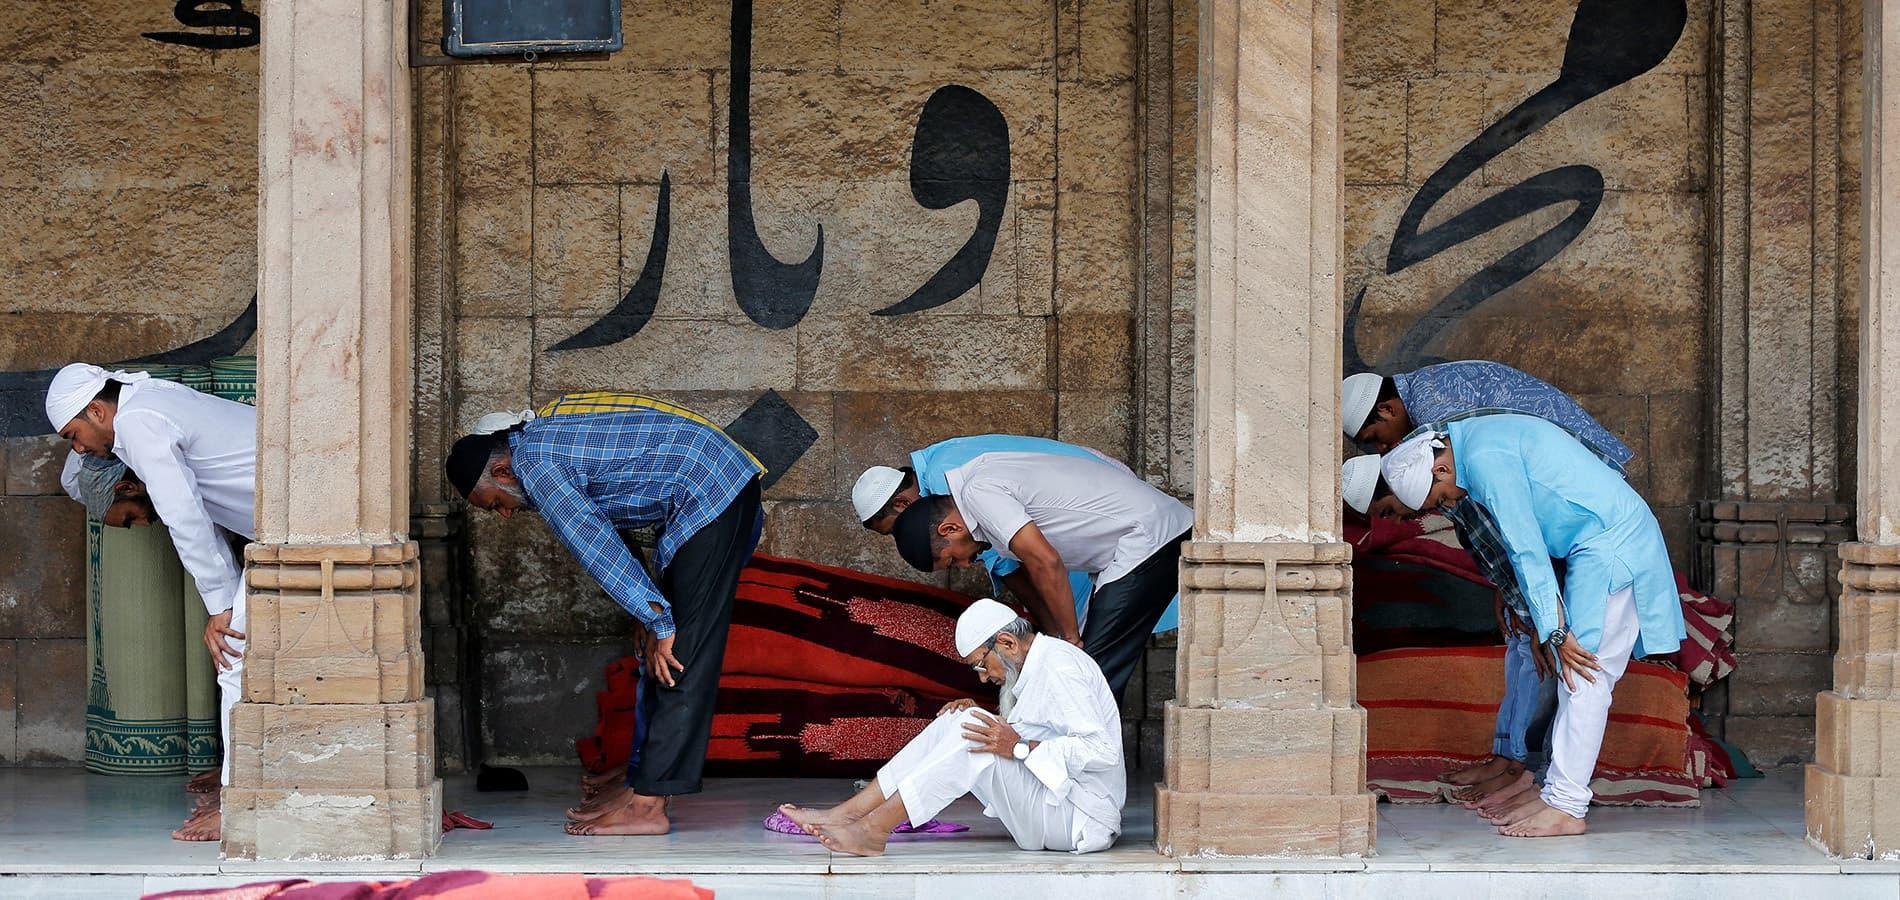 تصاویری از ماه رمضان، ماه جدایی از لذتهای دنیوی و تمرکز بر معنویت